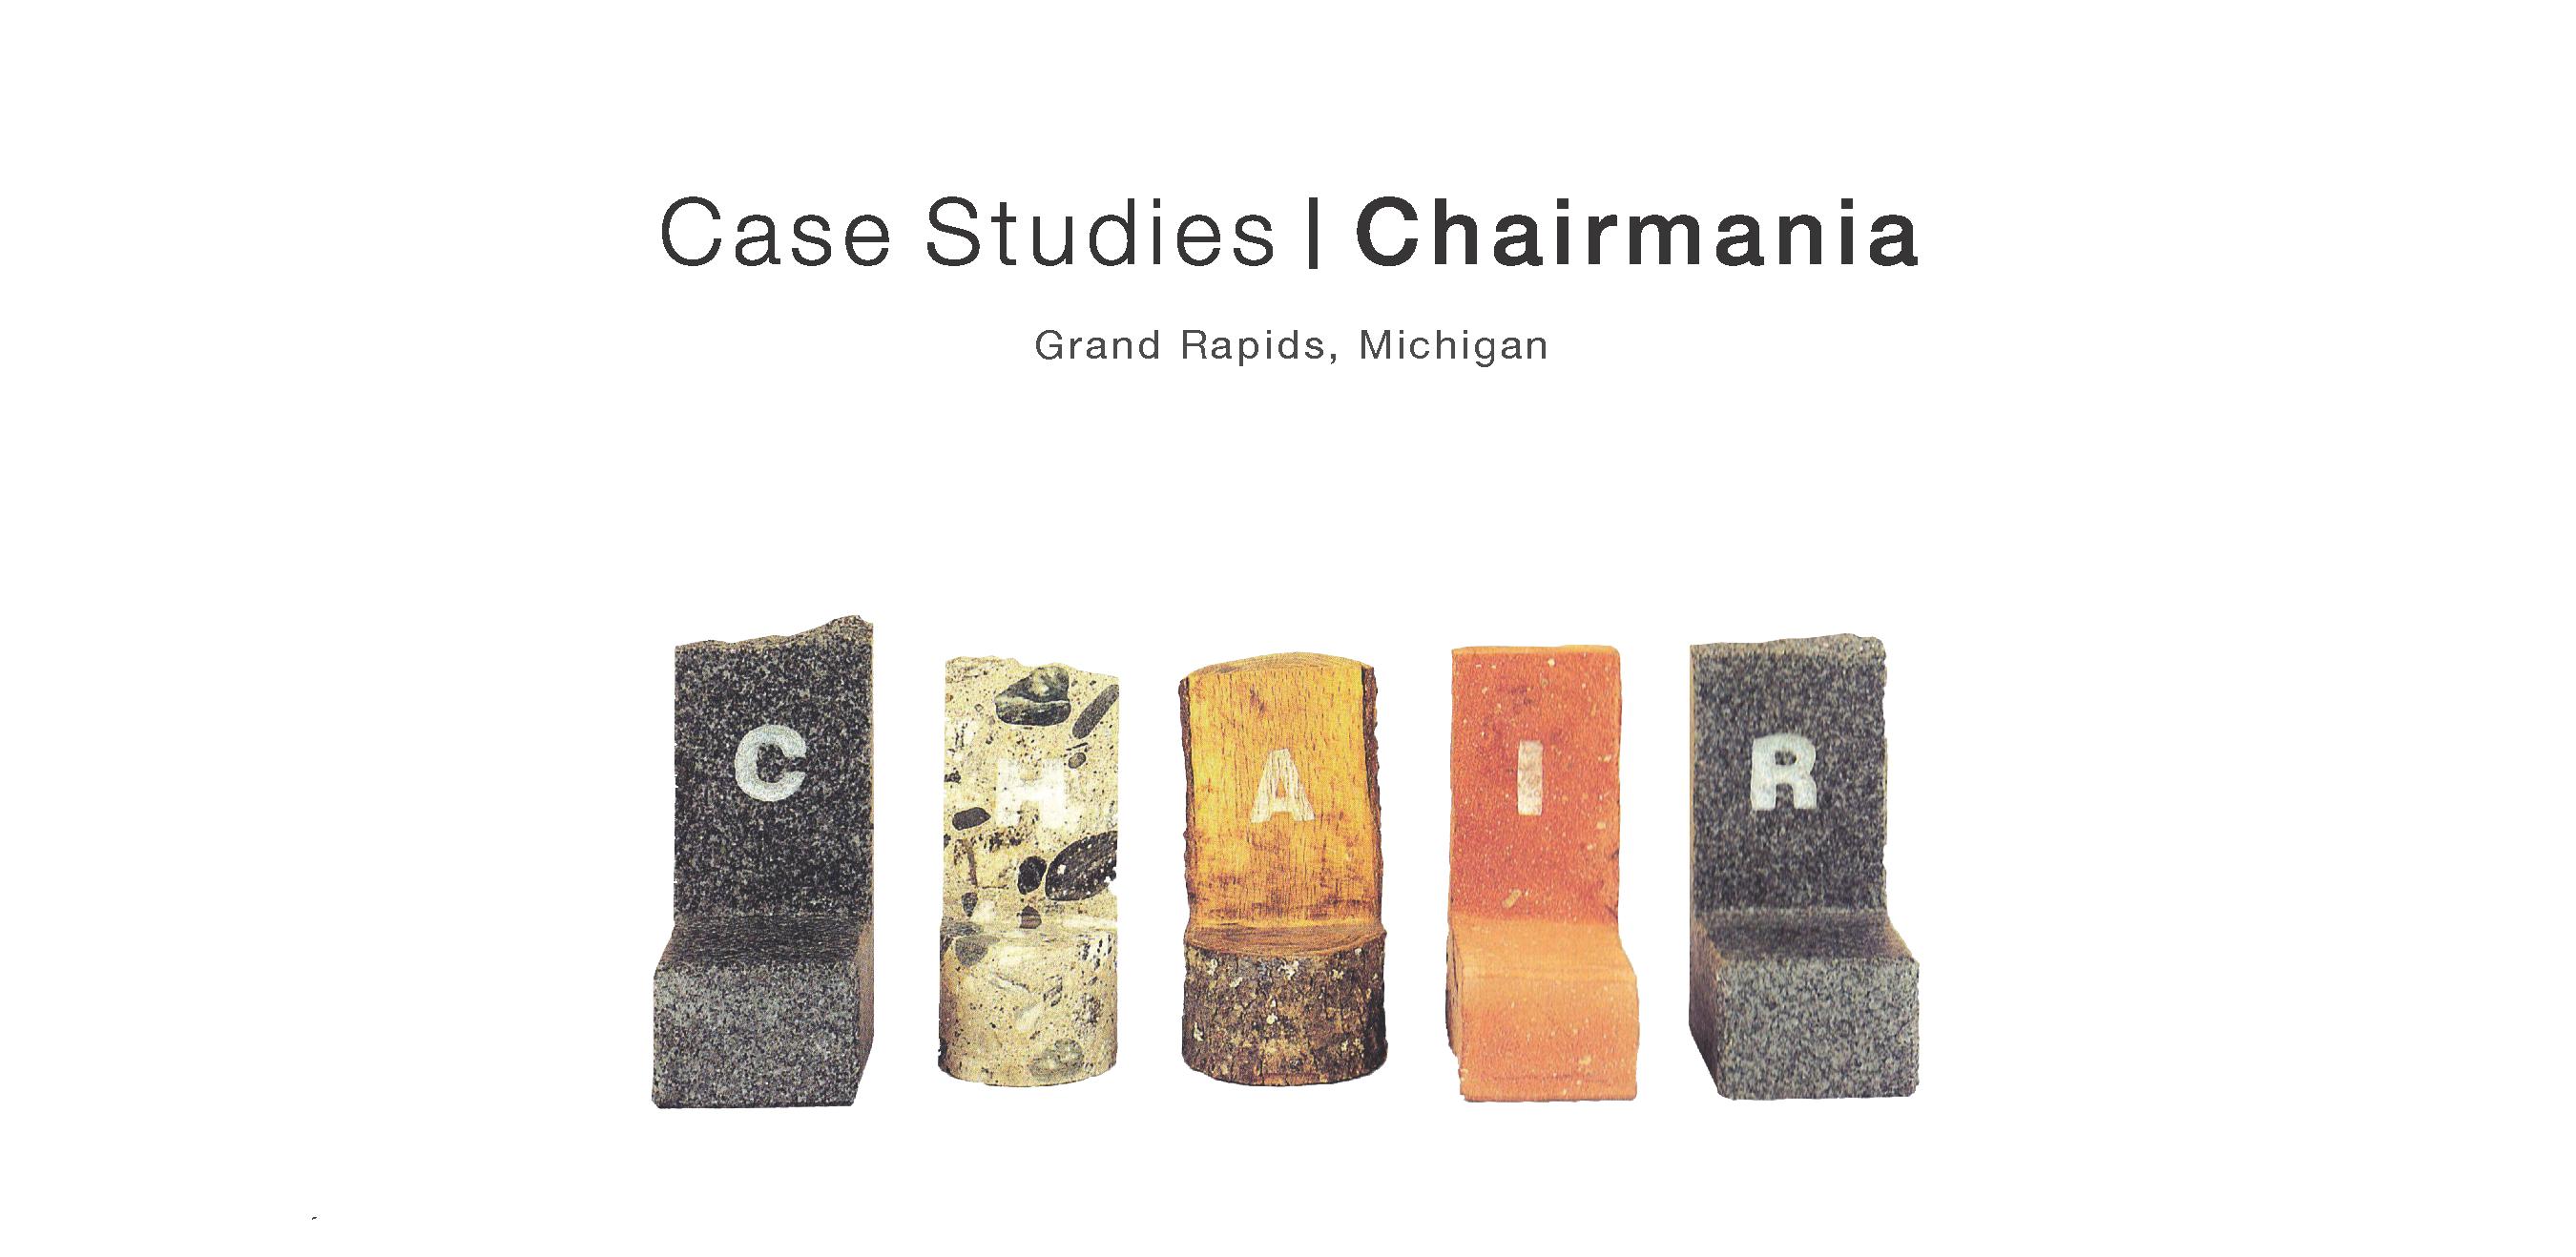 Chairmania